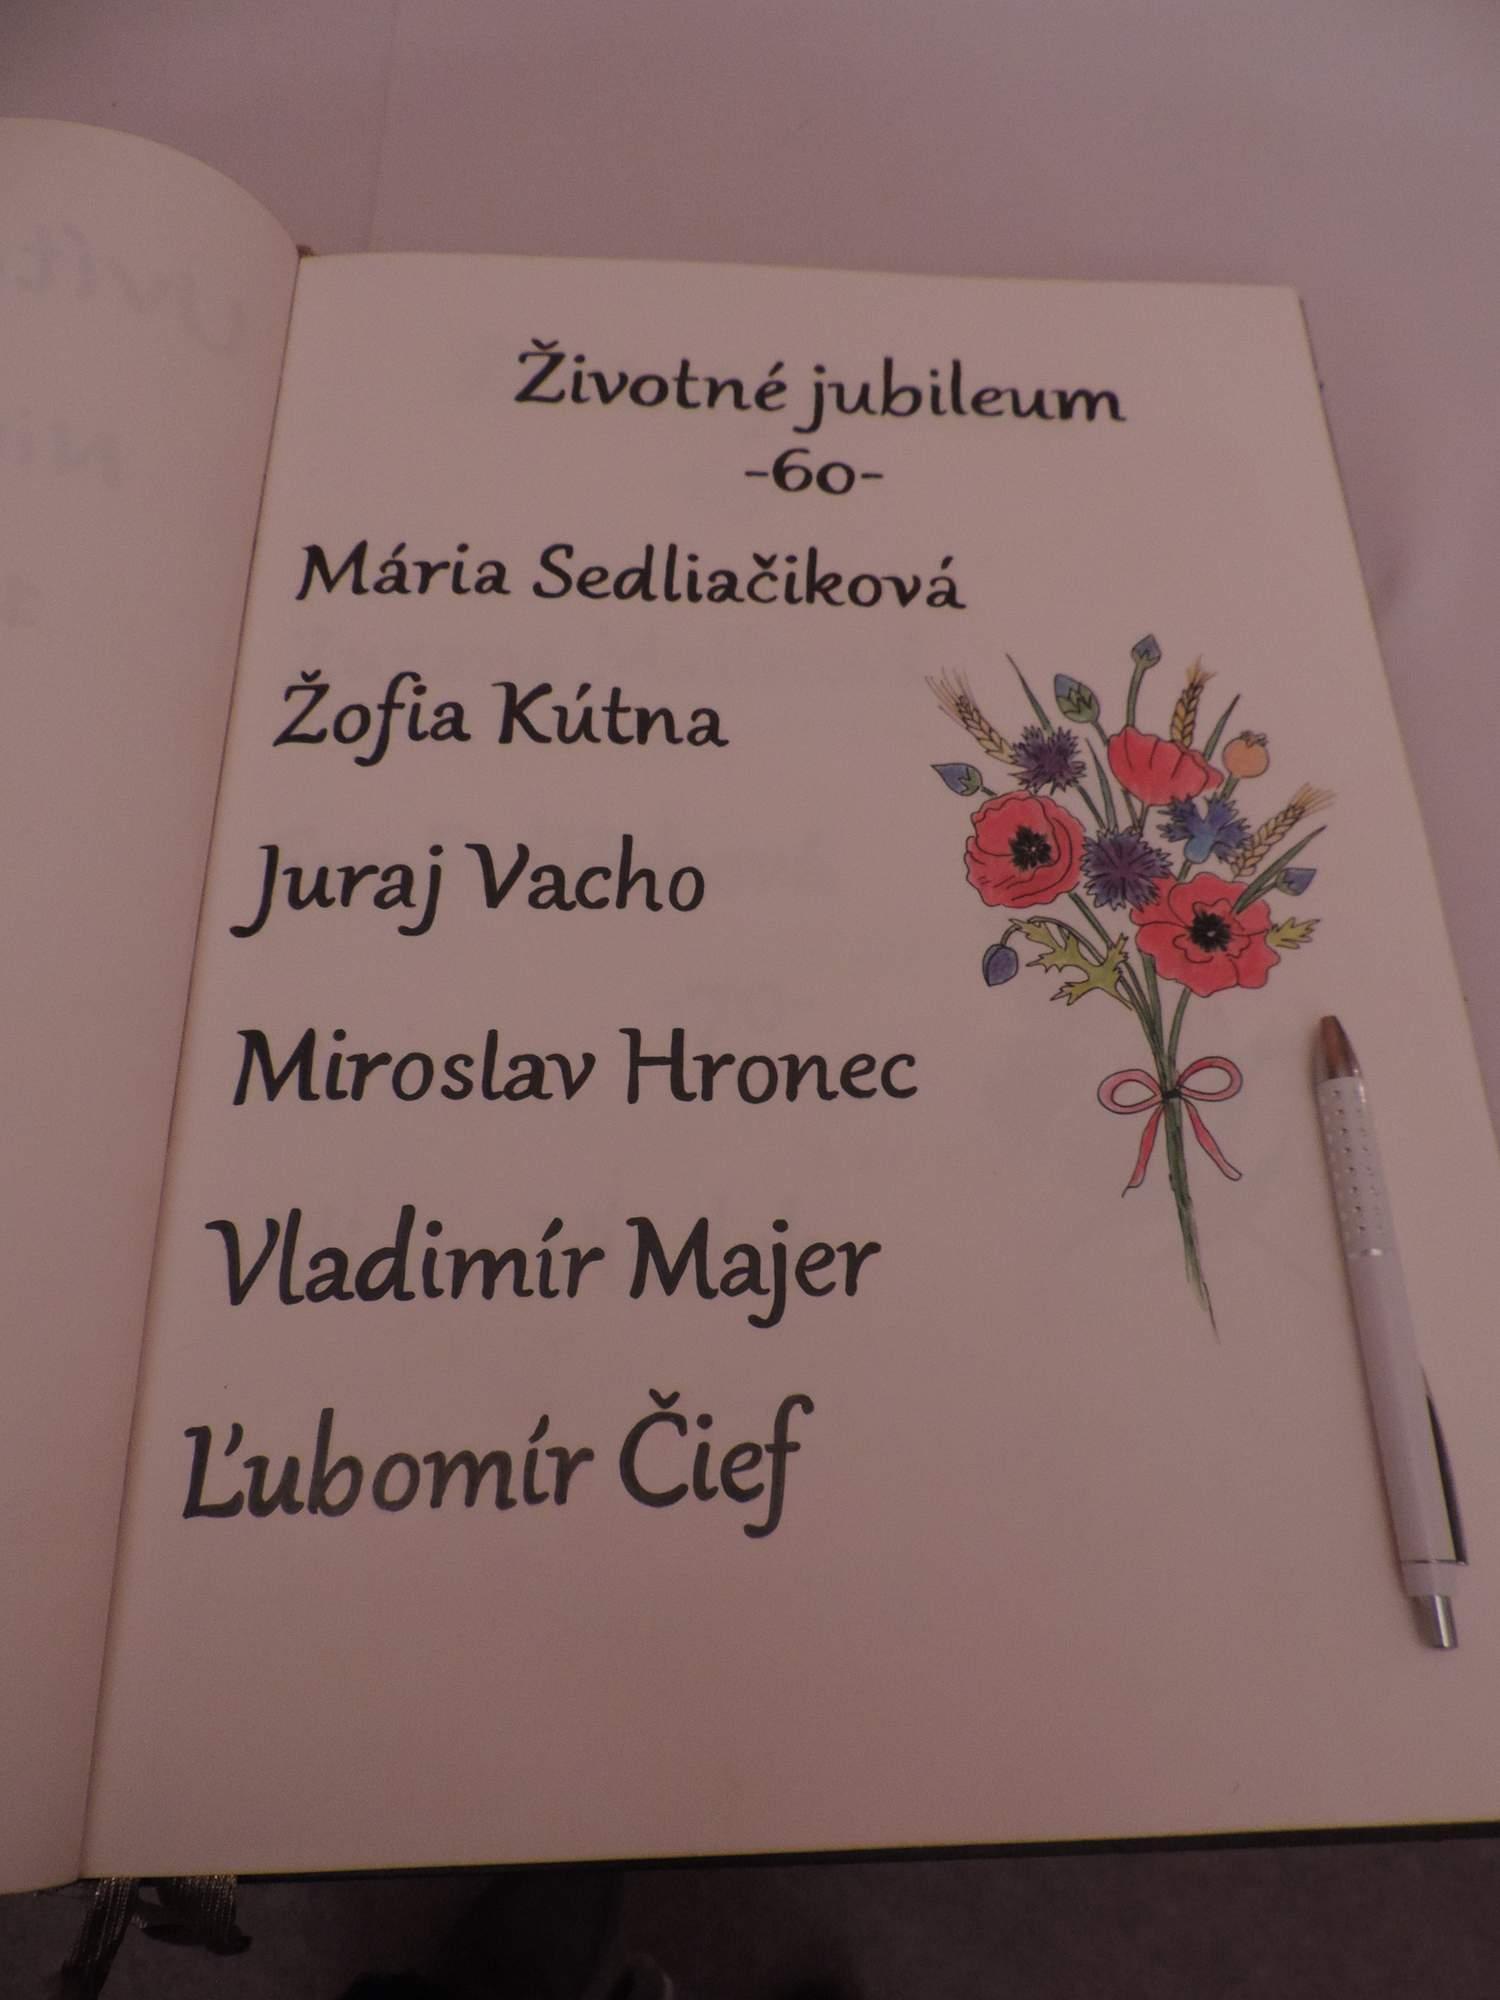 3e96bb1d5 Životné jubileá a uvítanie detí do života - 25.11.17 v Ľubietovej ...